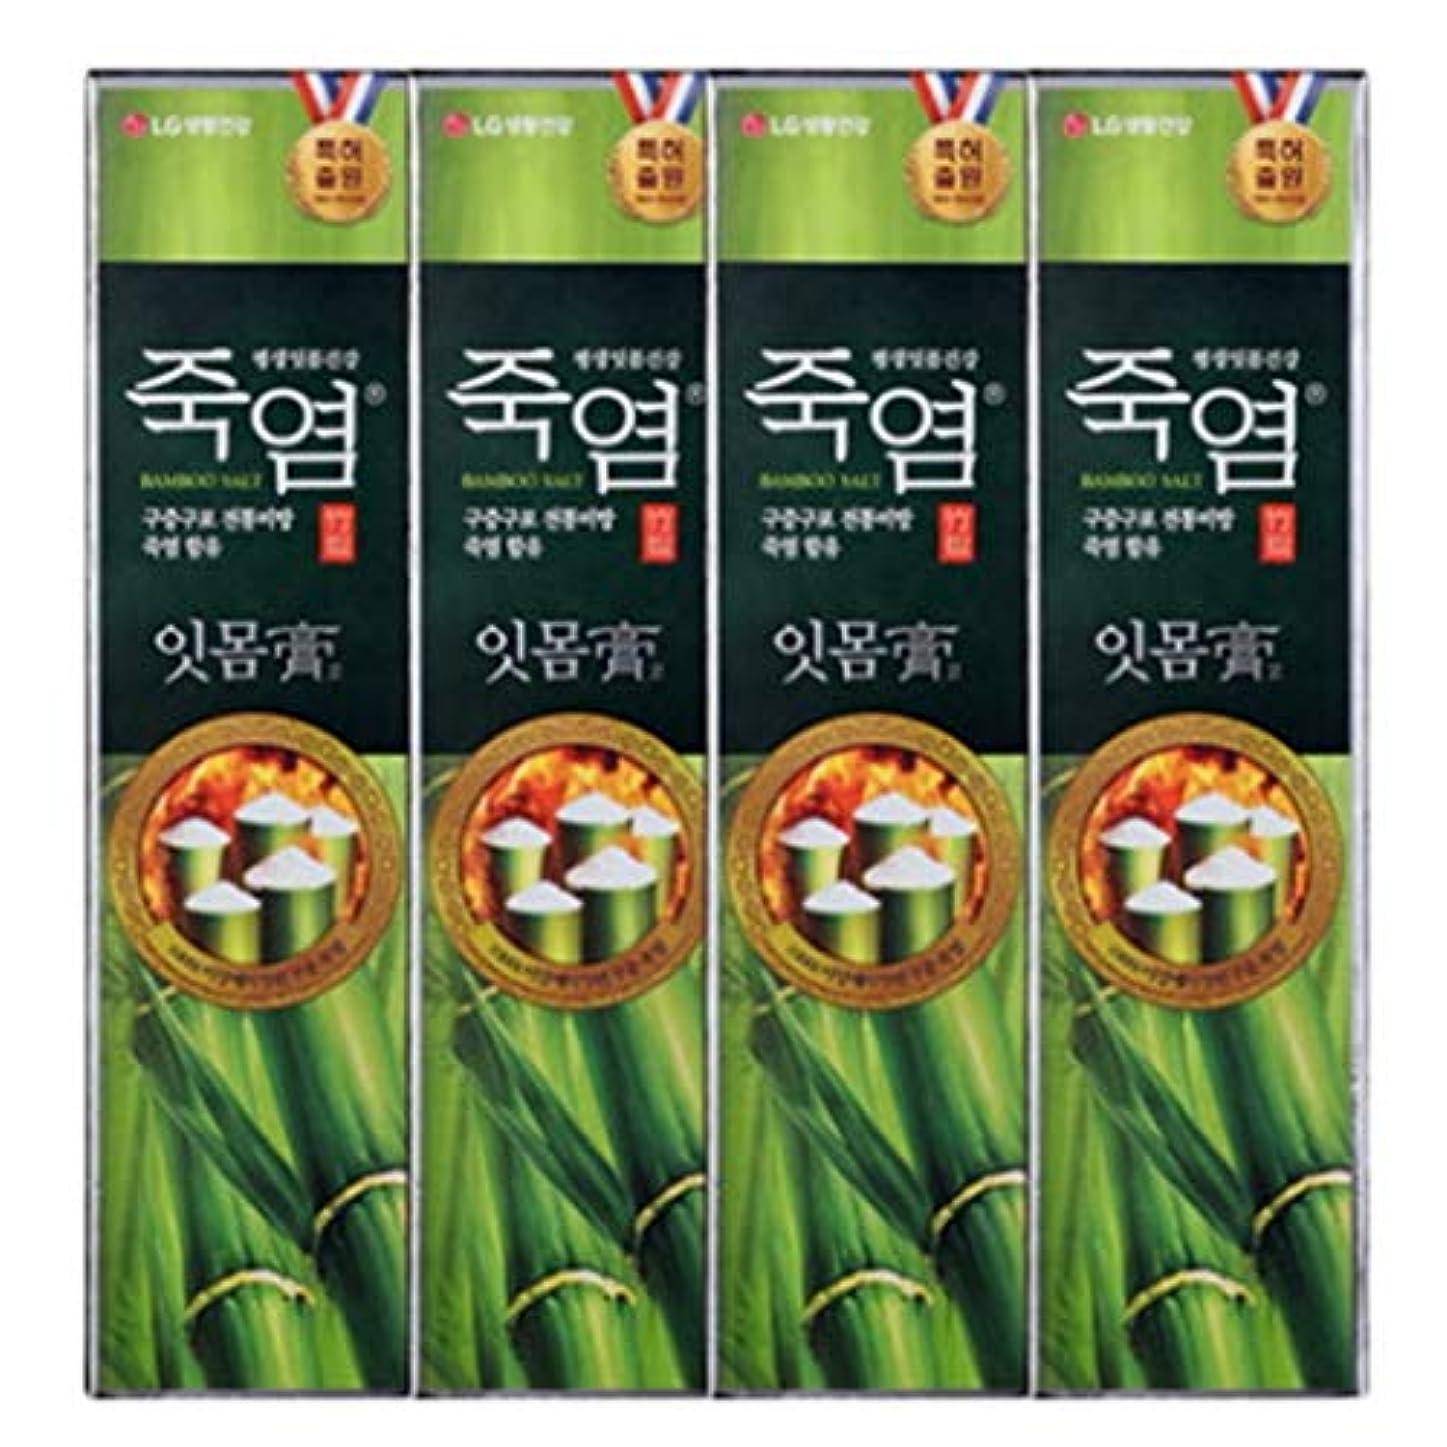 見捨てるクロニクル強い[LG Care/LG生活健康]竹塩歯磨き粉歯肉を健康に120g x4ea / 歯磨きセットスペシャル?リミテッドToothpaste Set Special Limited Korea(海外直送品)